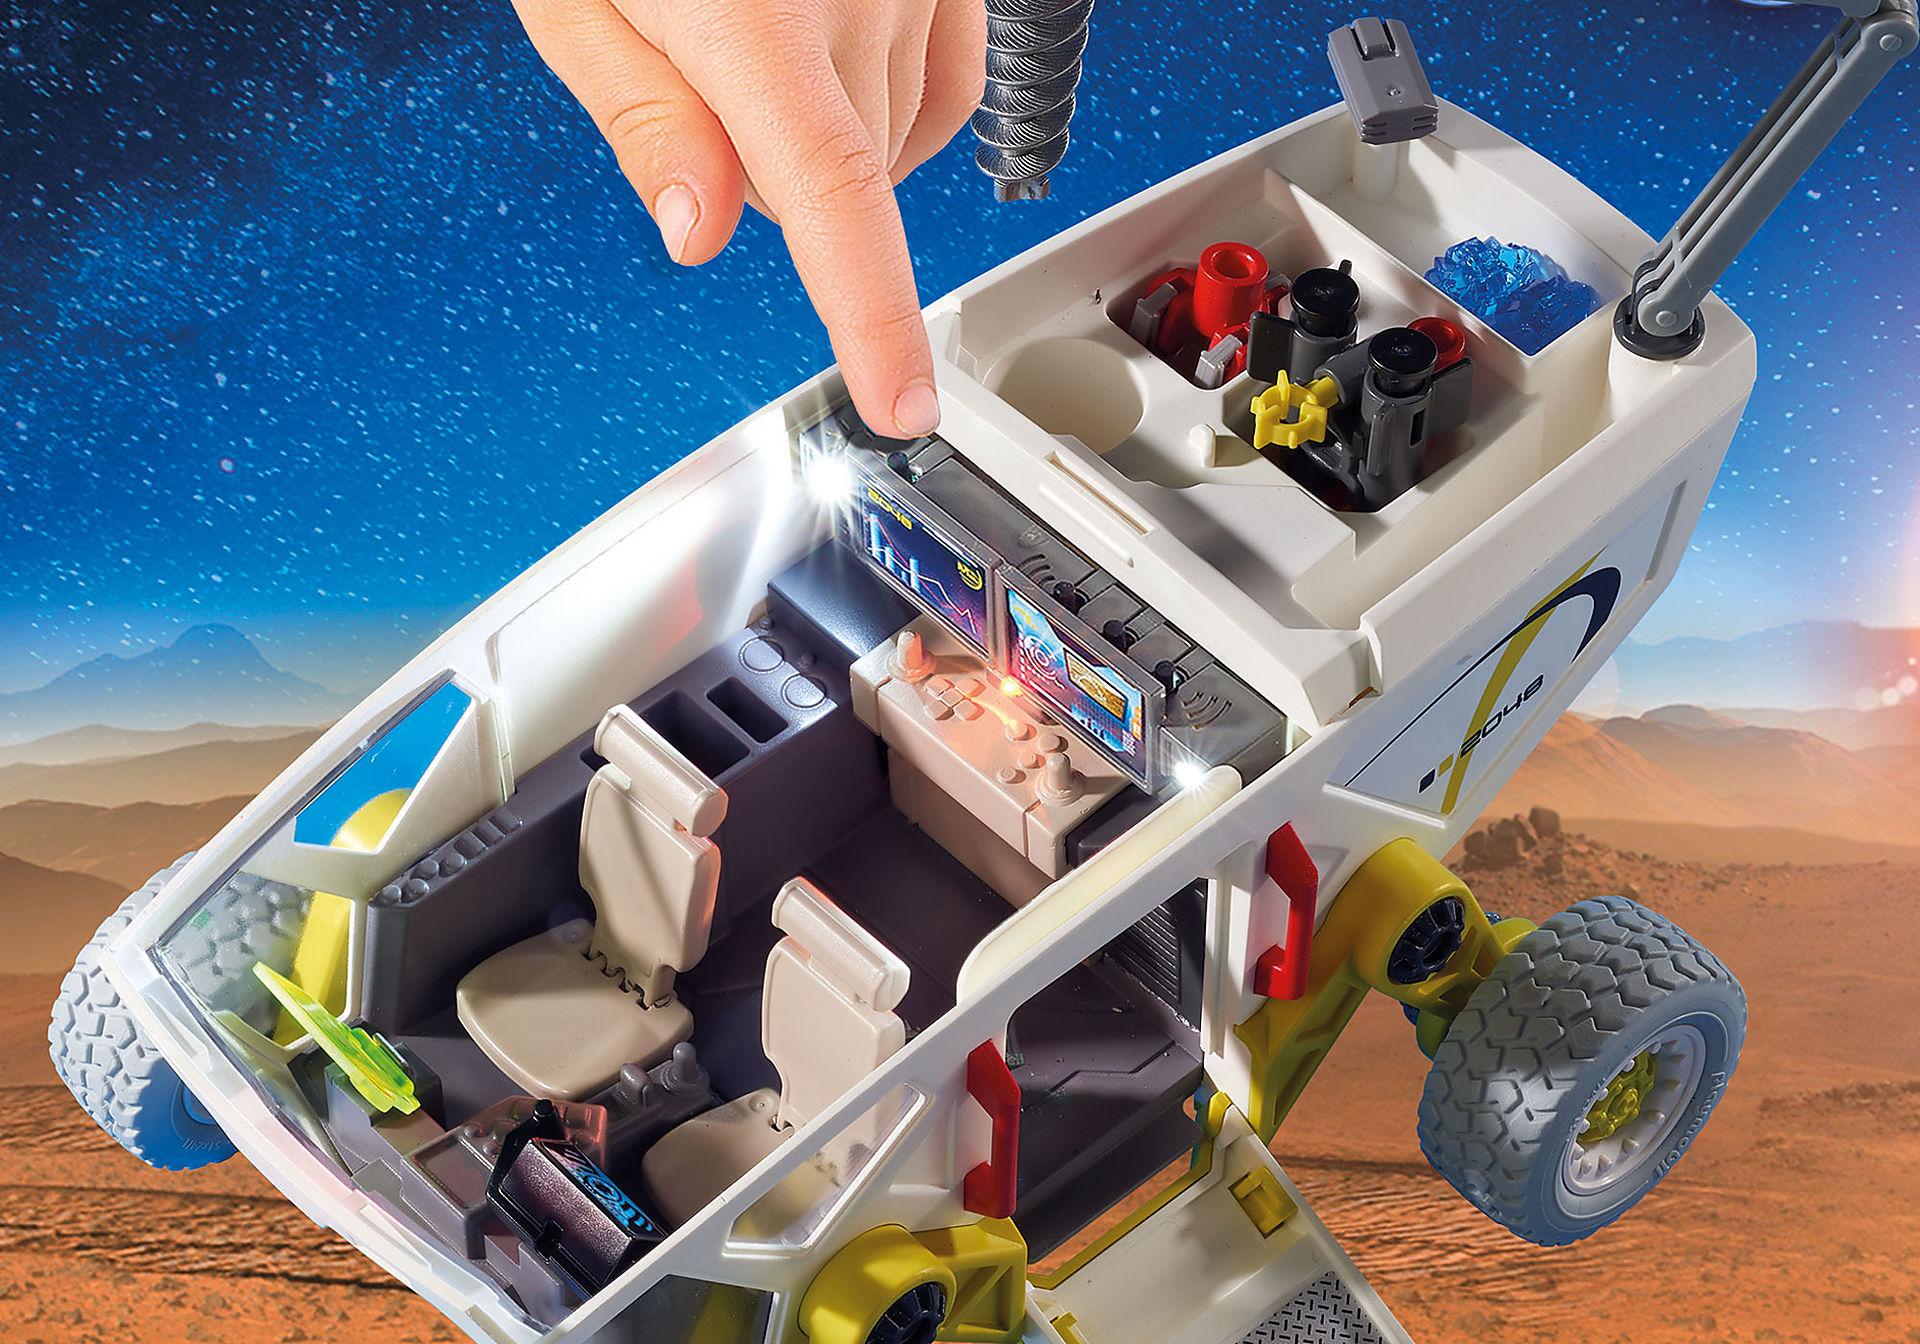 http://media.playmobil.com/i/playmobil/9489_product_extra2/Vehículo de Reconocimiento